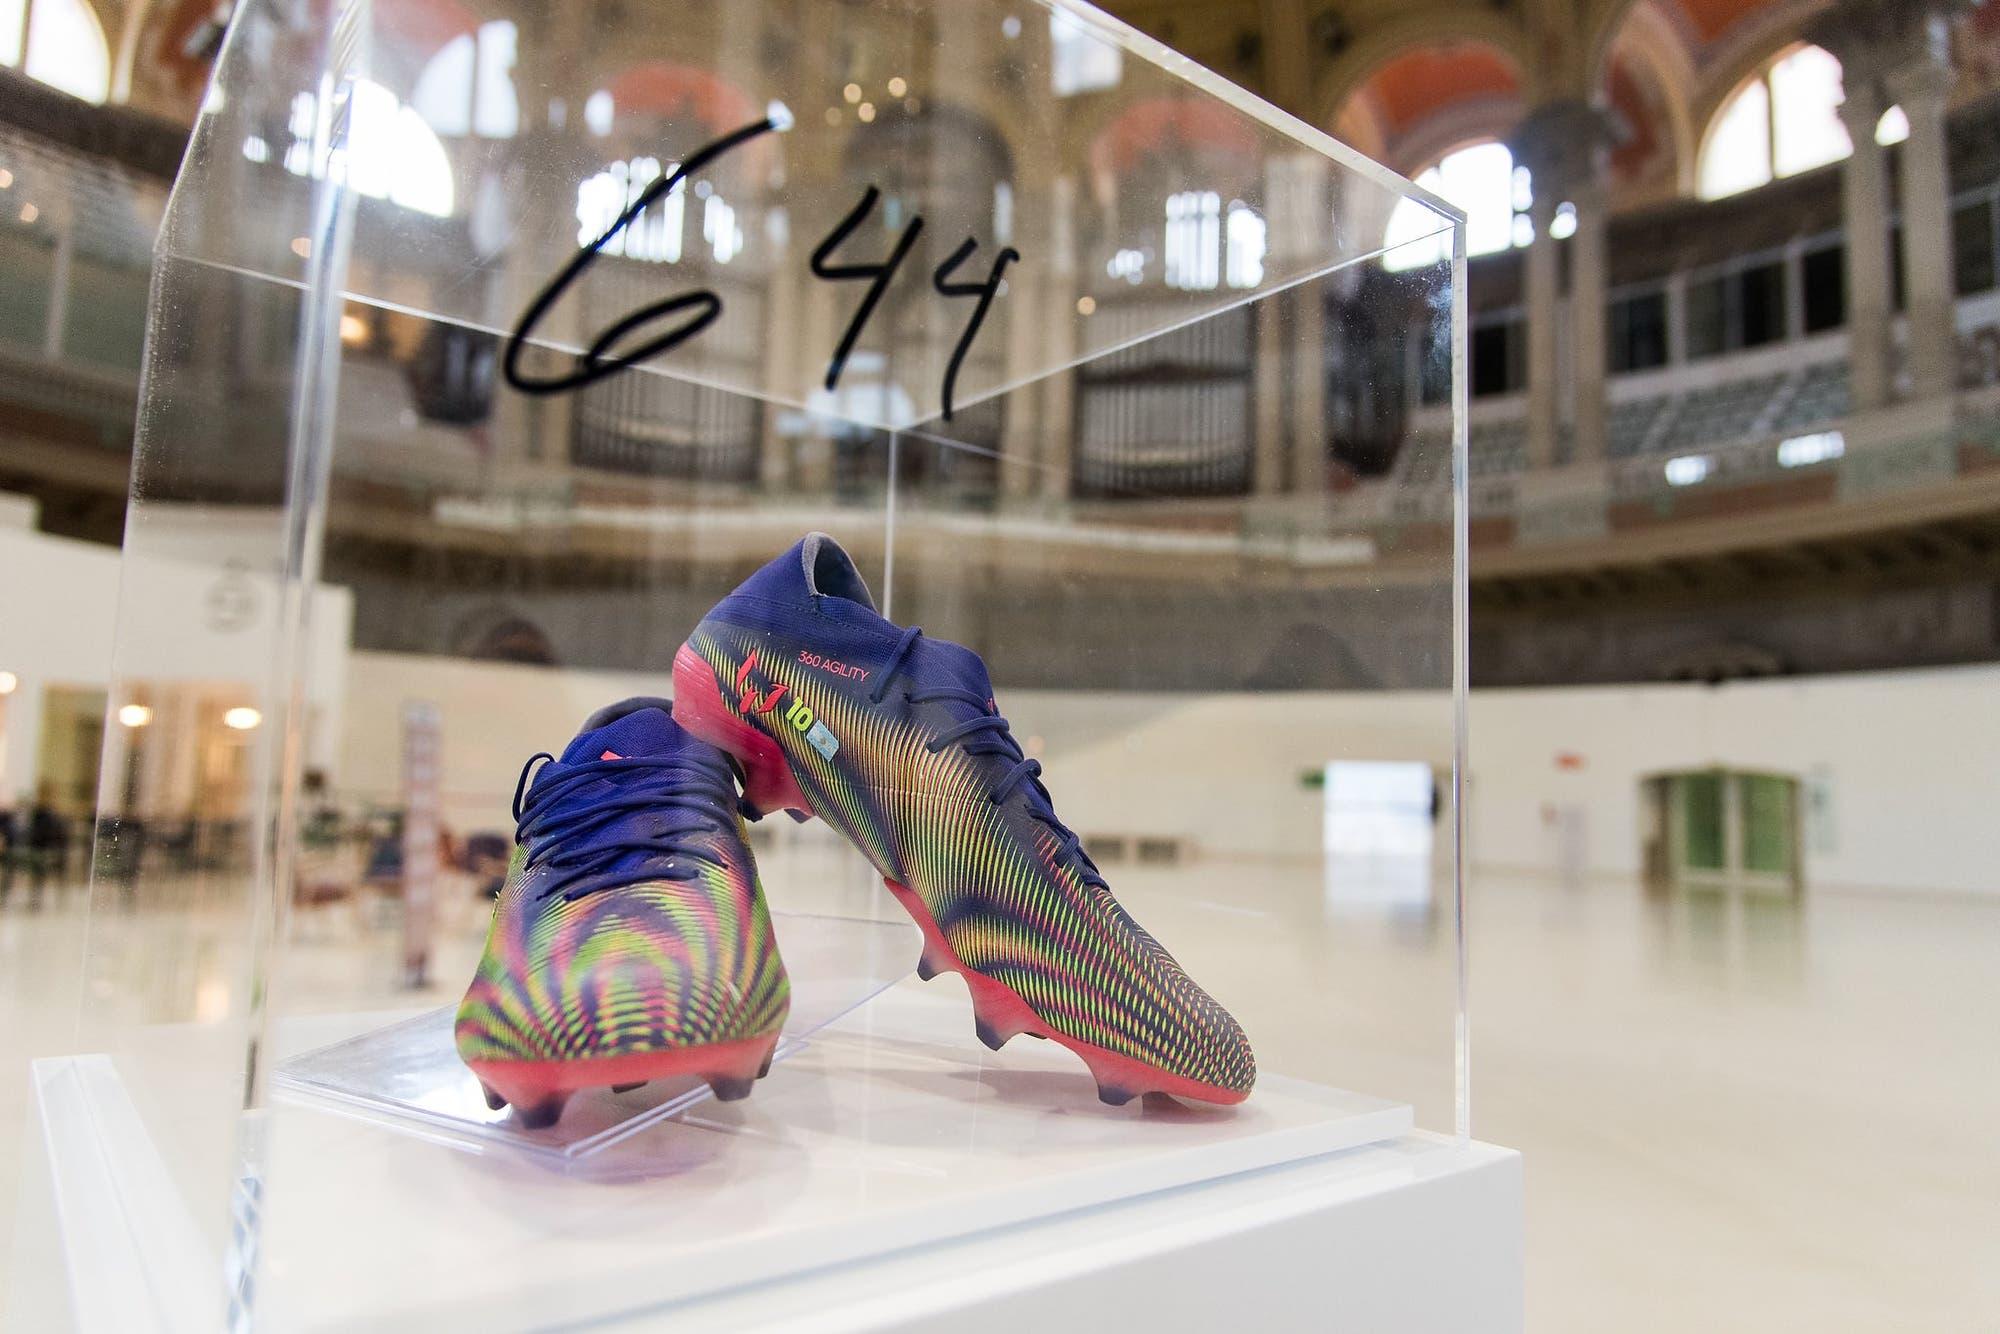 Récord y solidaridad: Lionel Messi donó a un museo los botines del gol 644, en beneficio de chicos enfermos